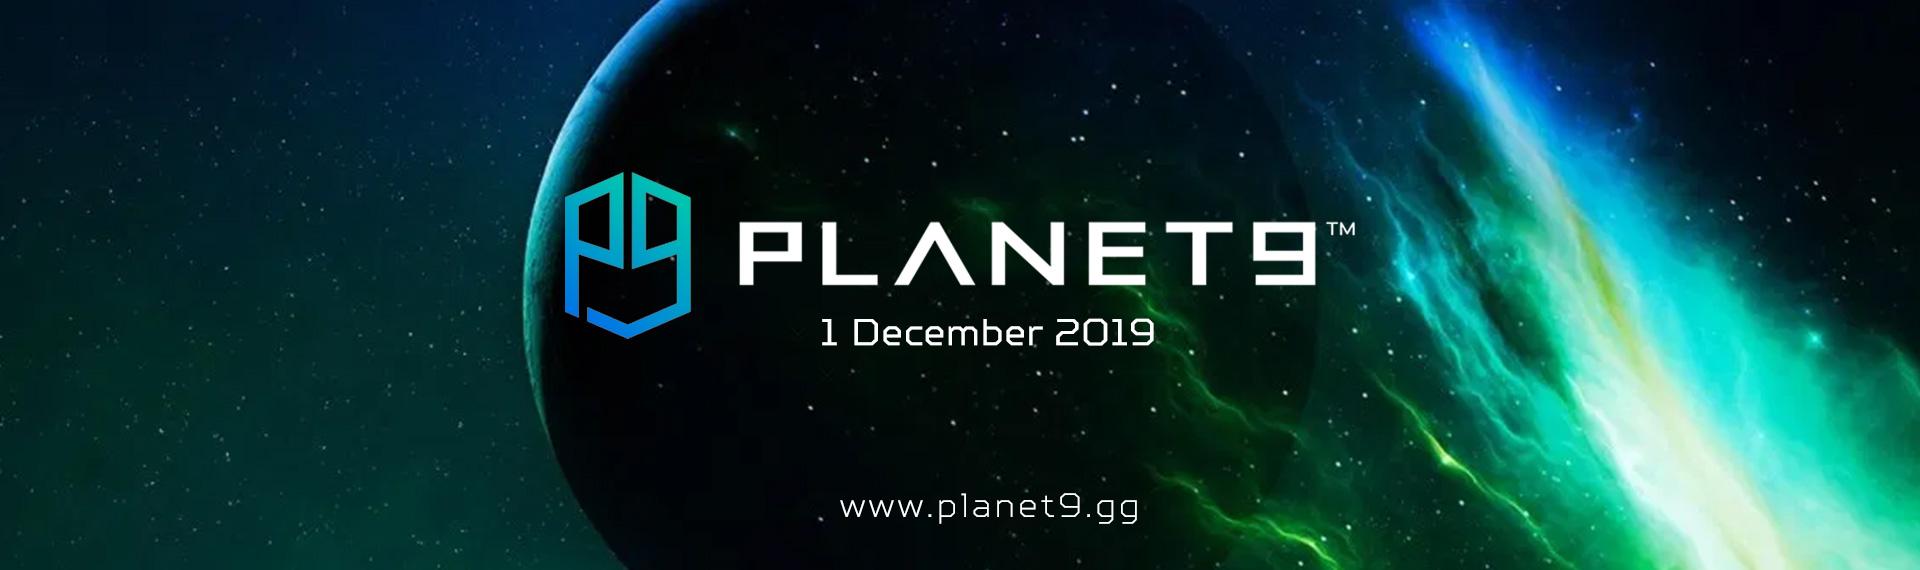 Daftarkan Diri di Platform Esports Planet9 Mulai Desember, Banyak yang Seru!